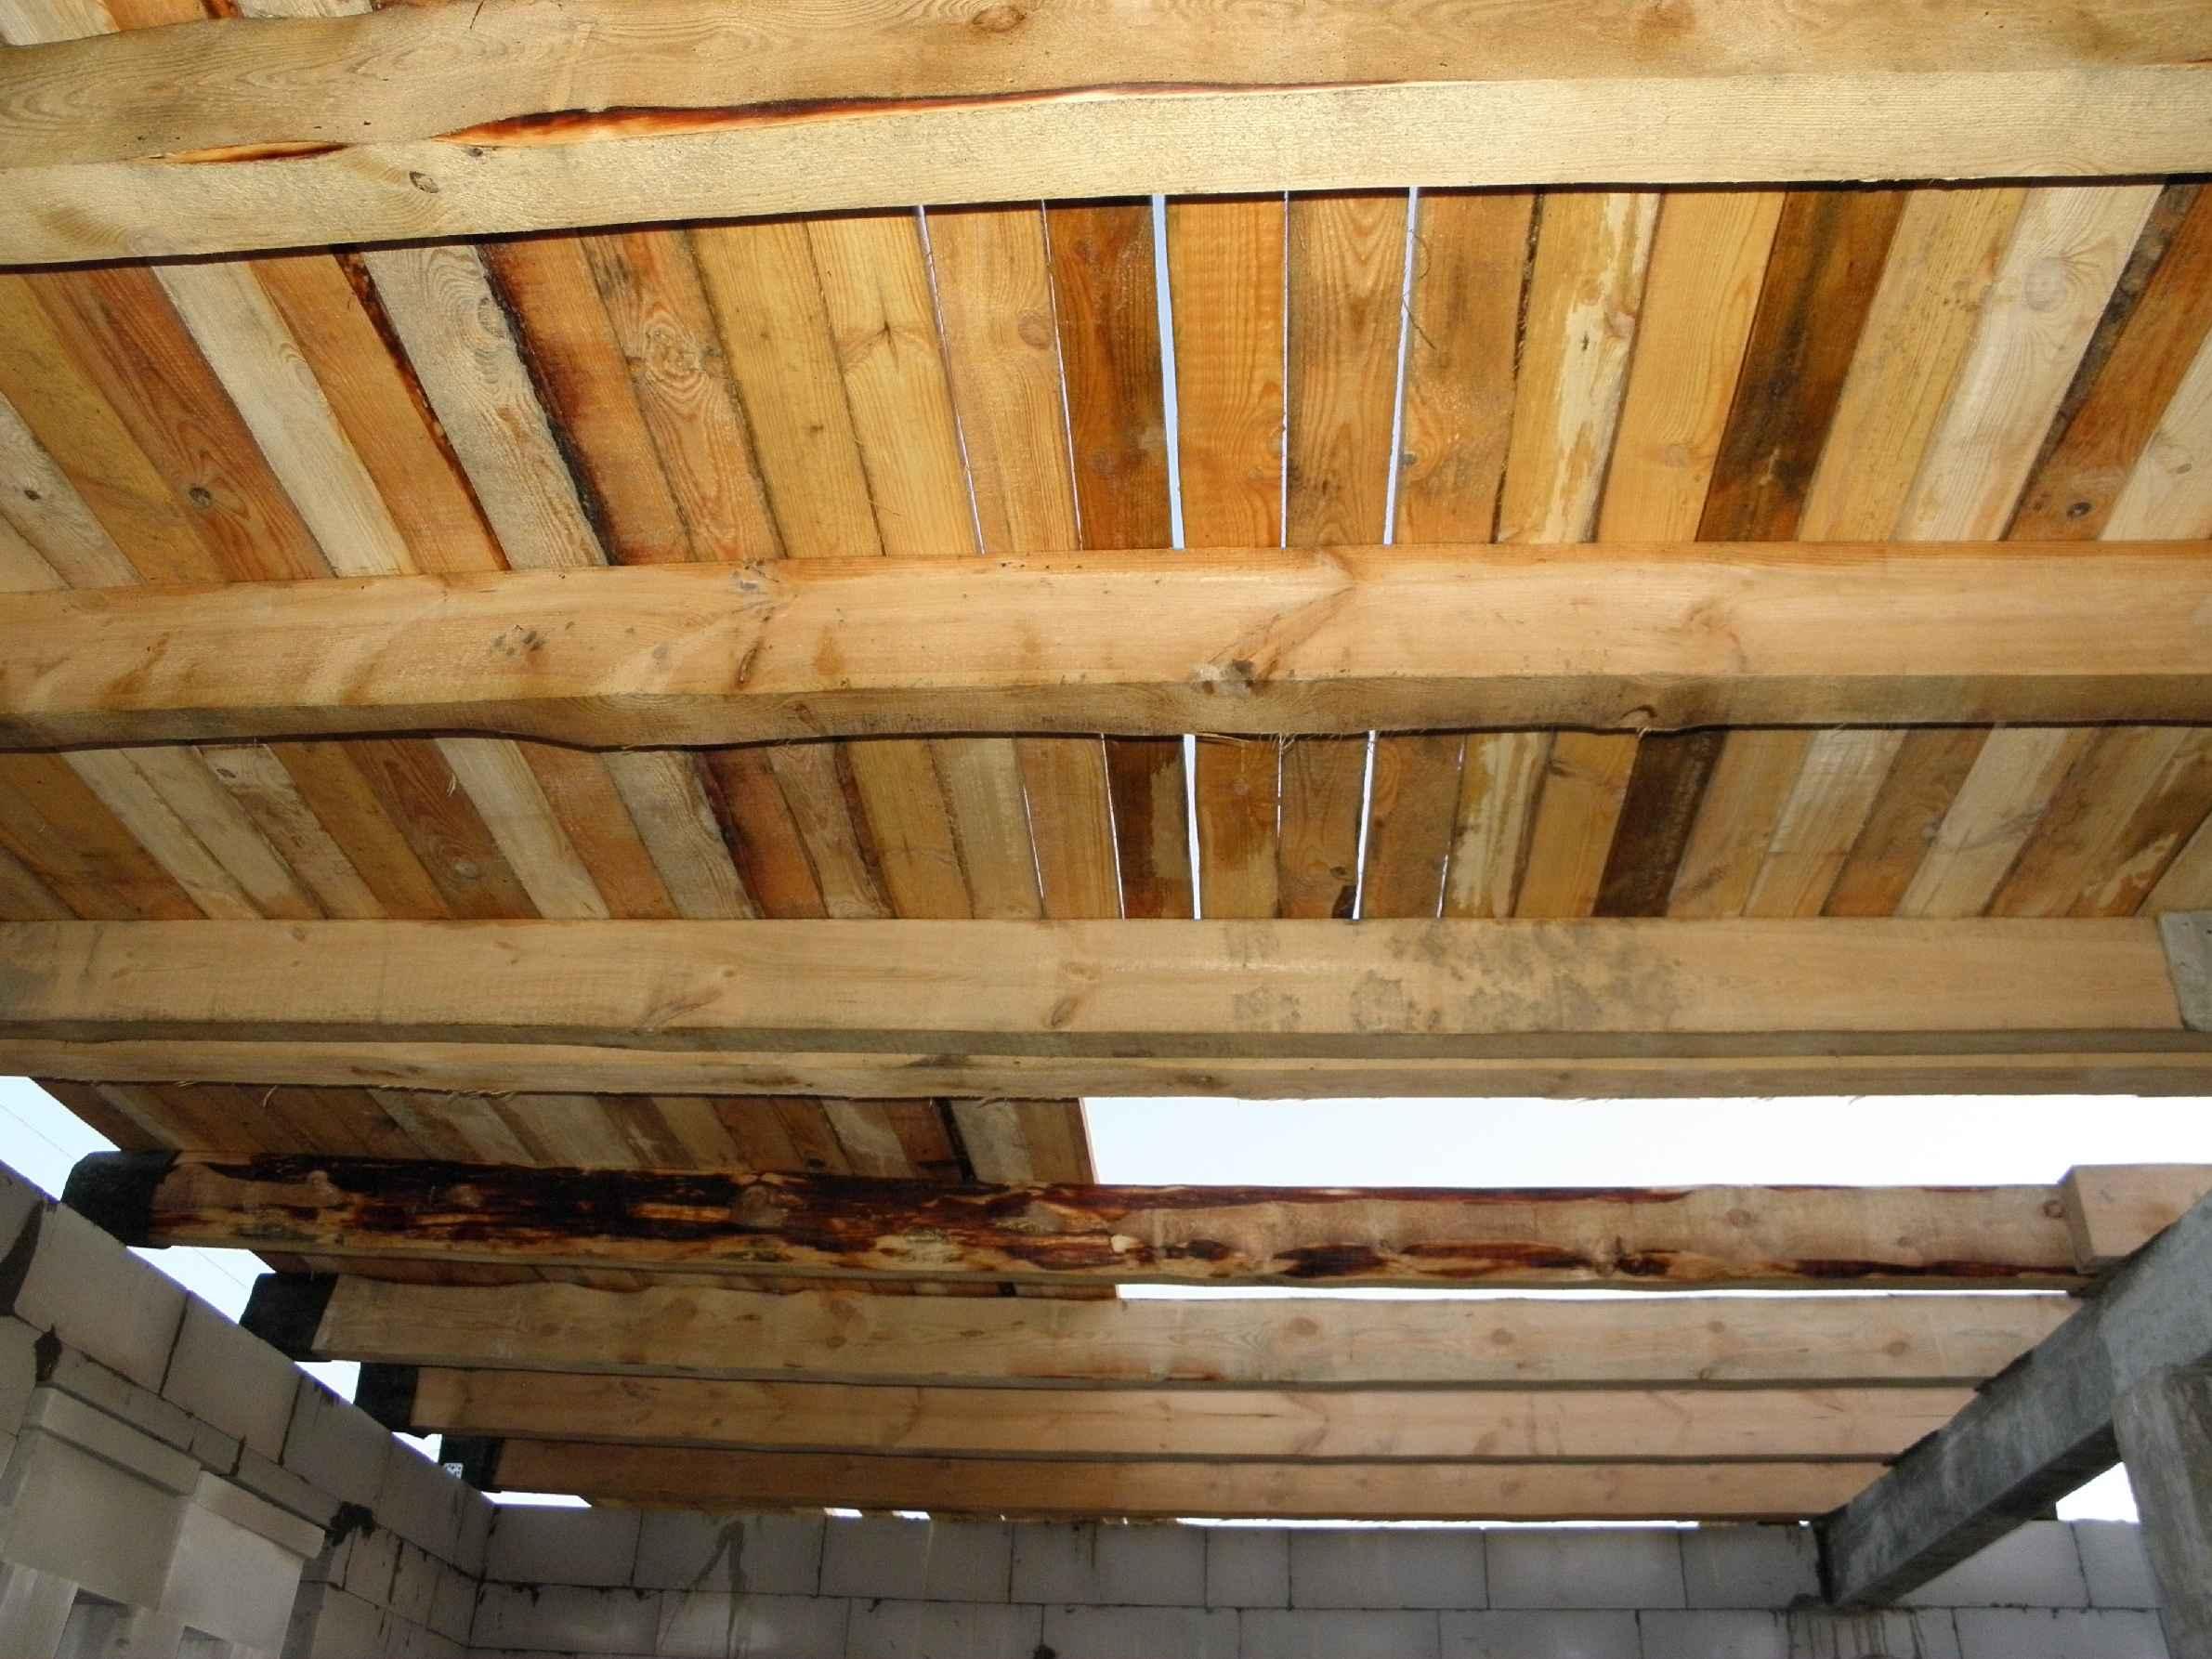 деревянные перекрытия как лучше сделать